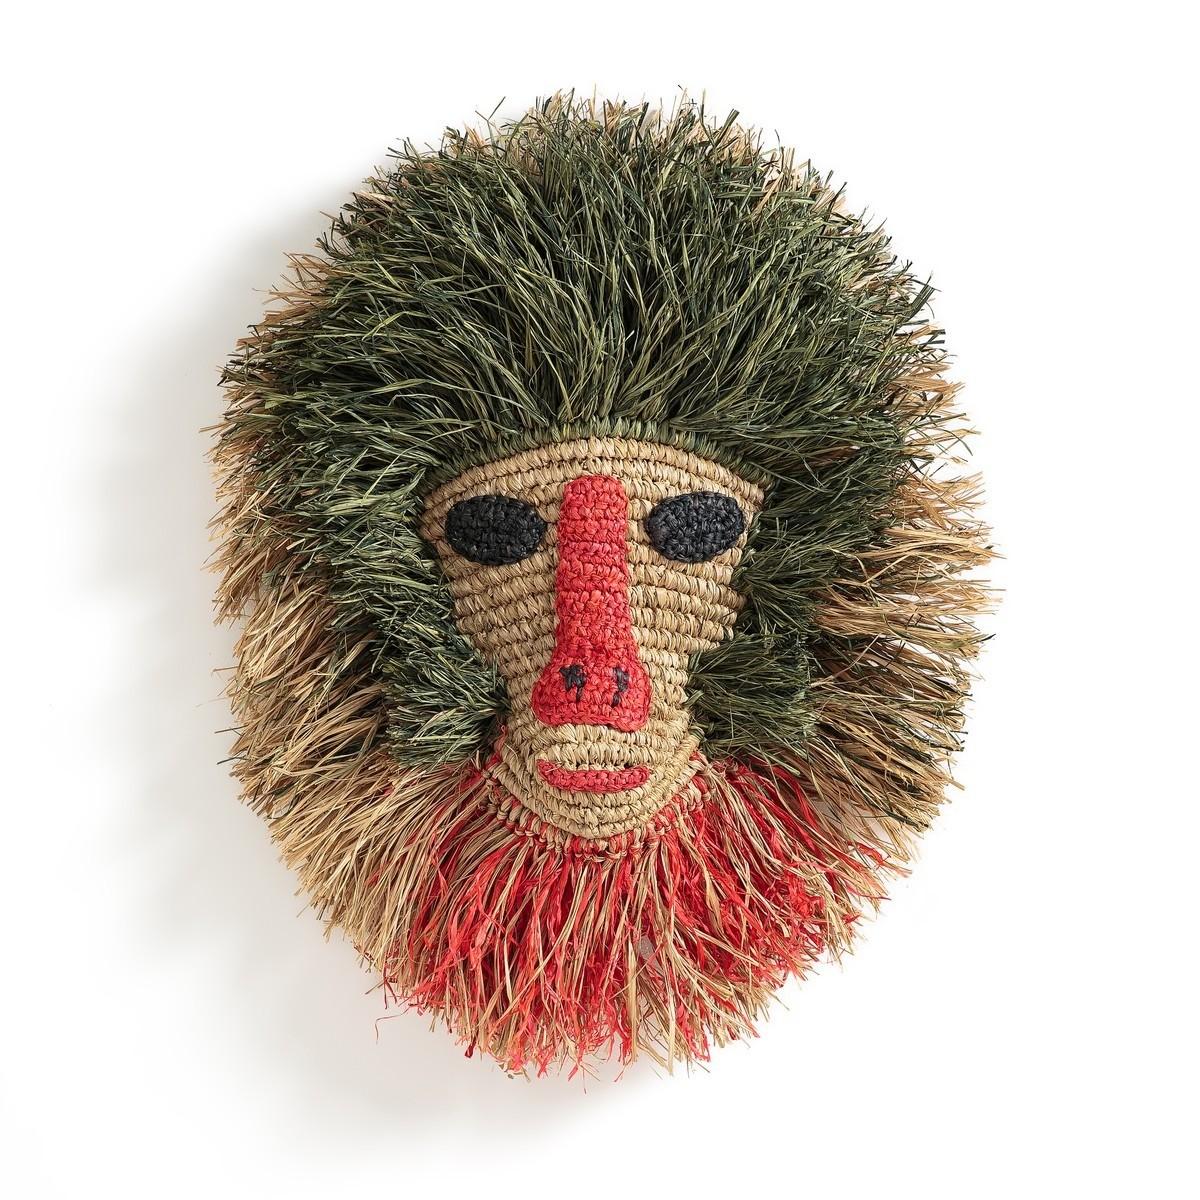 Украшение настенное в виде головы обезьяны Rudyard